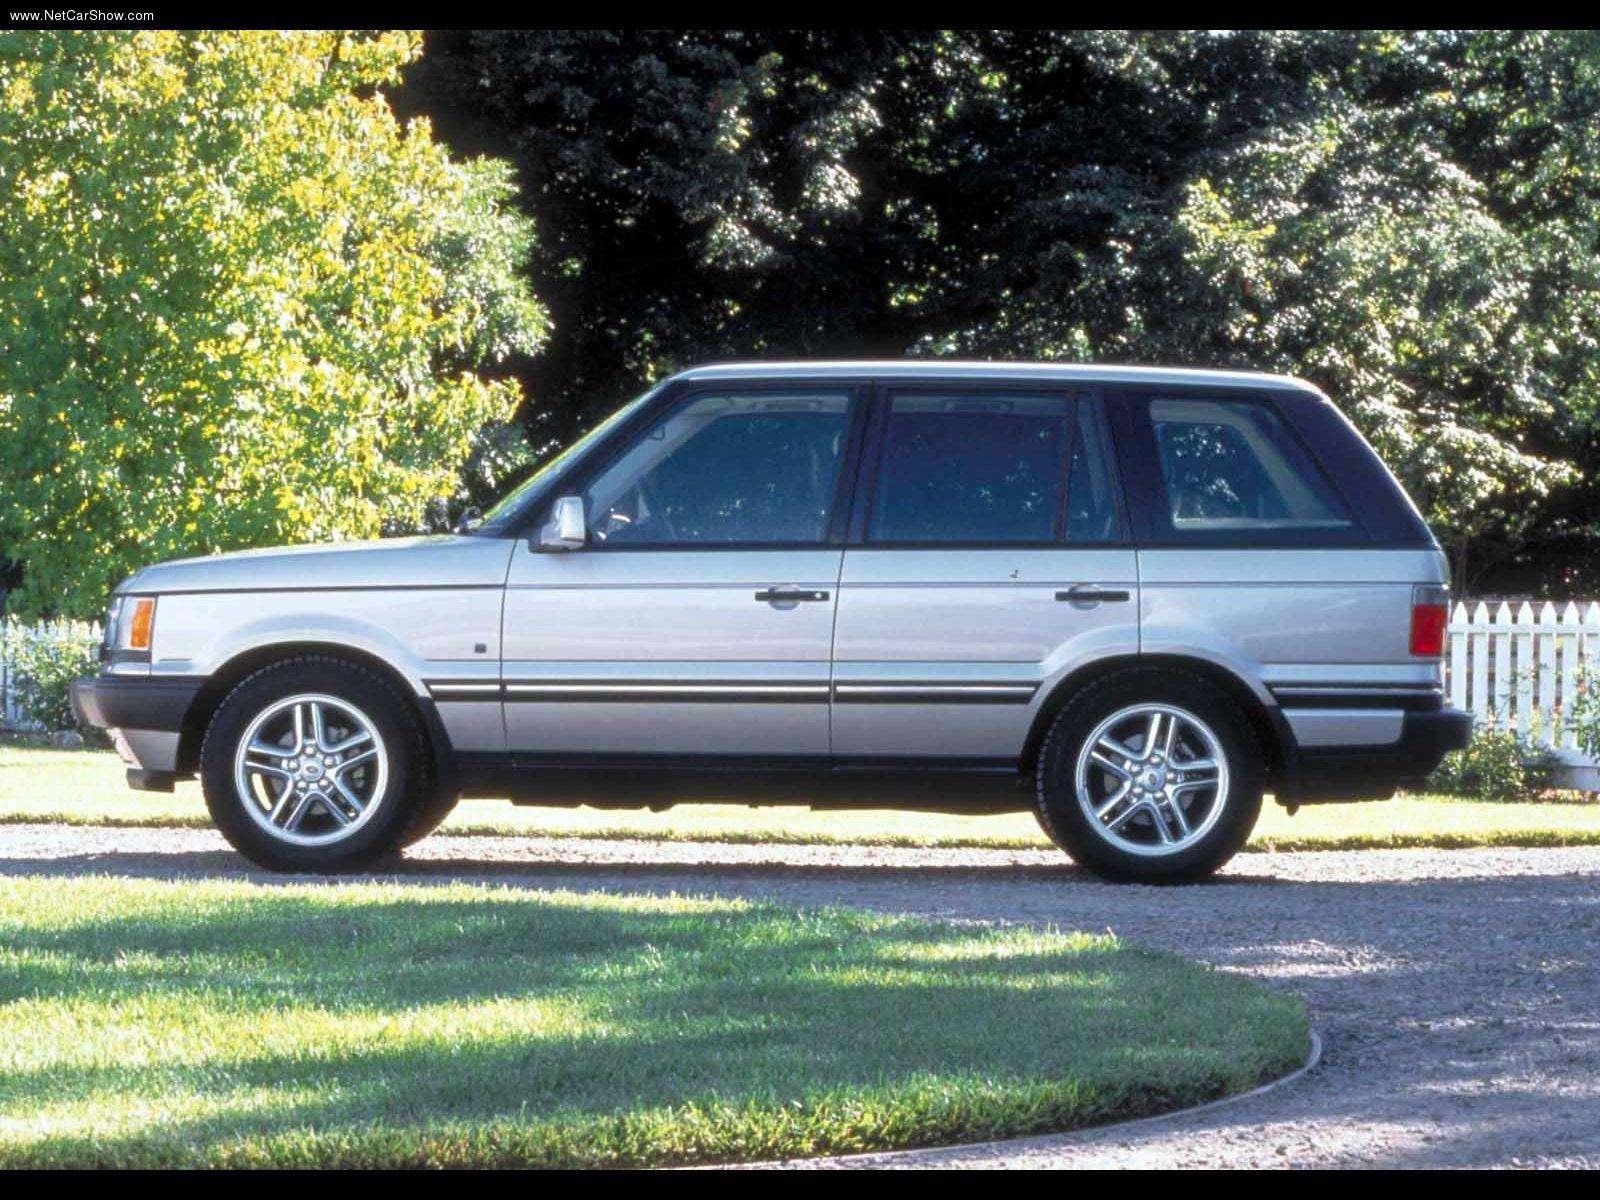 Hình ảnh xe ô tô Land Rover Range Rover 2002 & nội ngoại thất